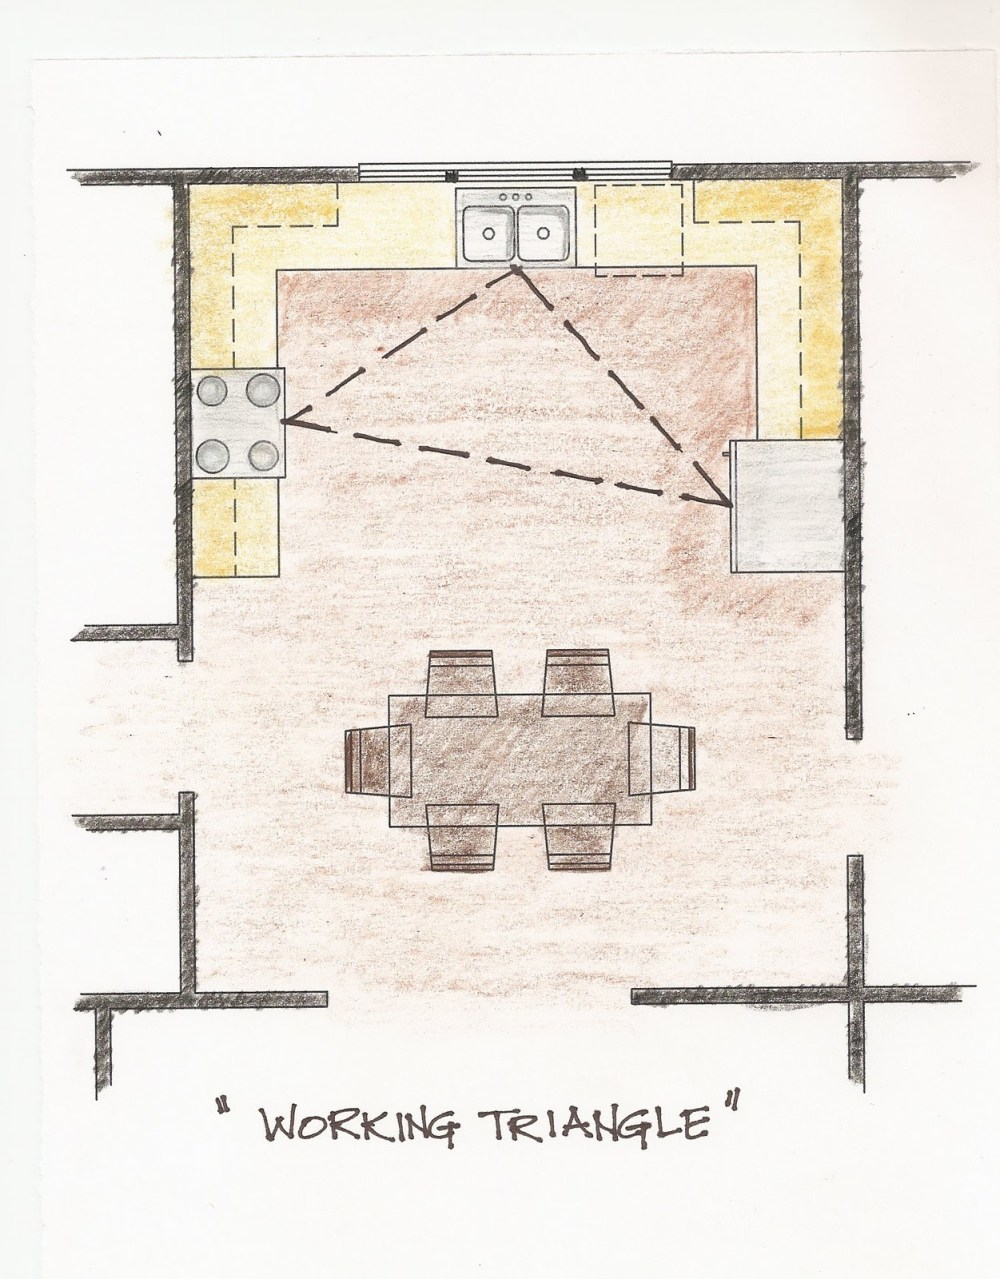 03 Konsep working triangle dalam desain kitchen set minimalis modern [Sumber miserv.net]